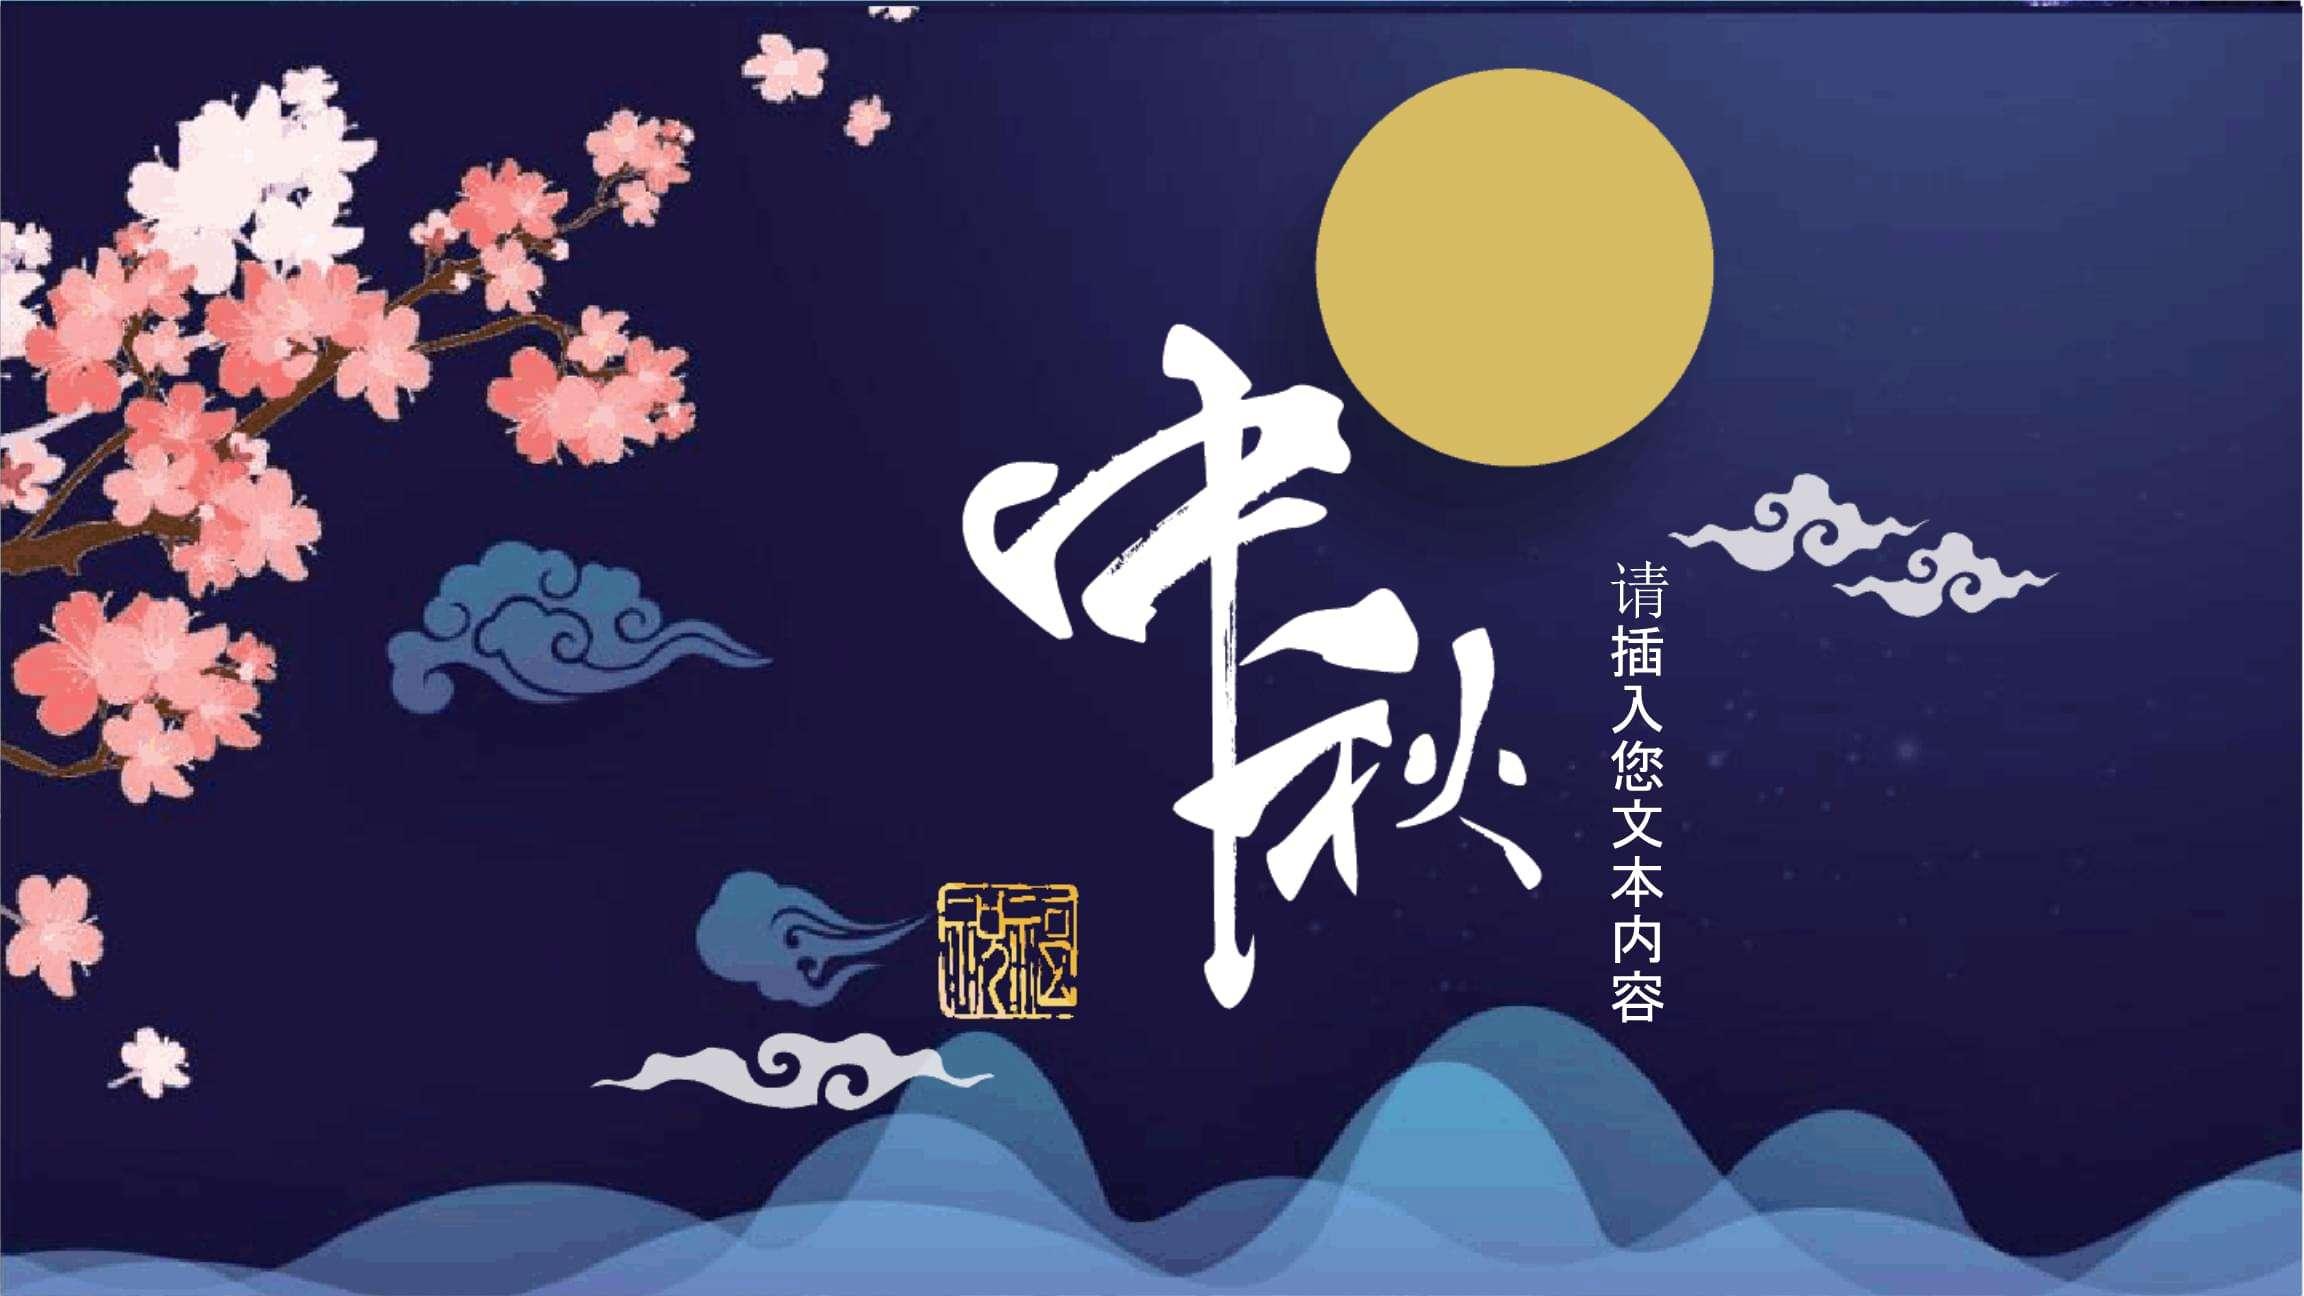 闪速码 - 中秋国庆放假通知与服务提醒